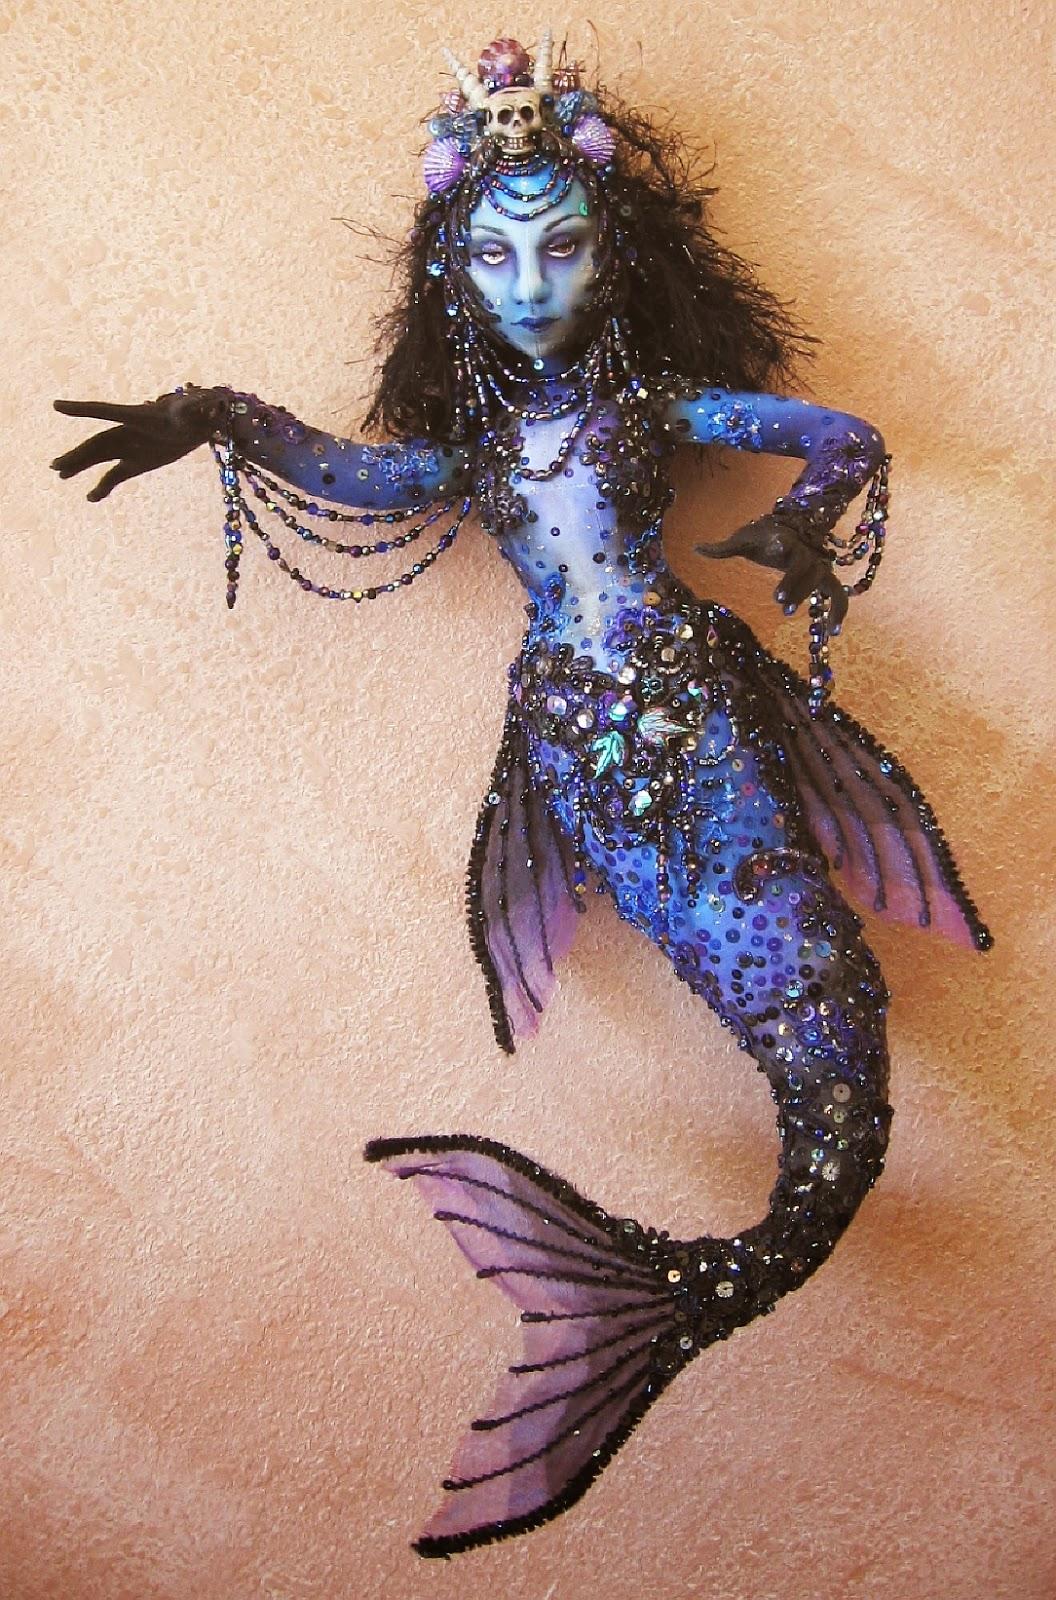 Dark Mermaid Art Witch Crafts: NEW &quo...